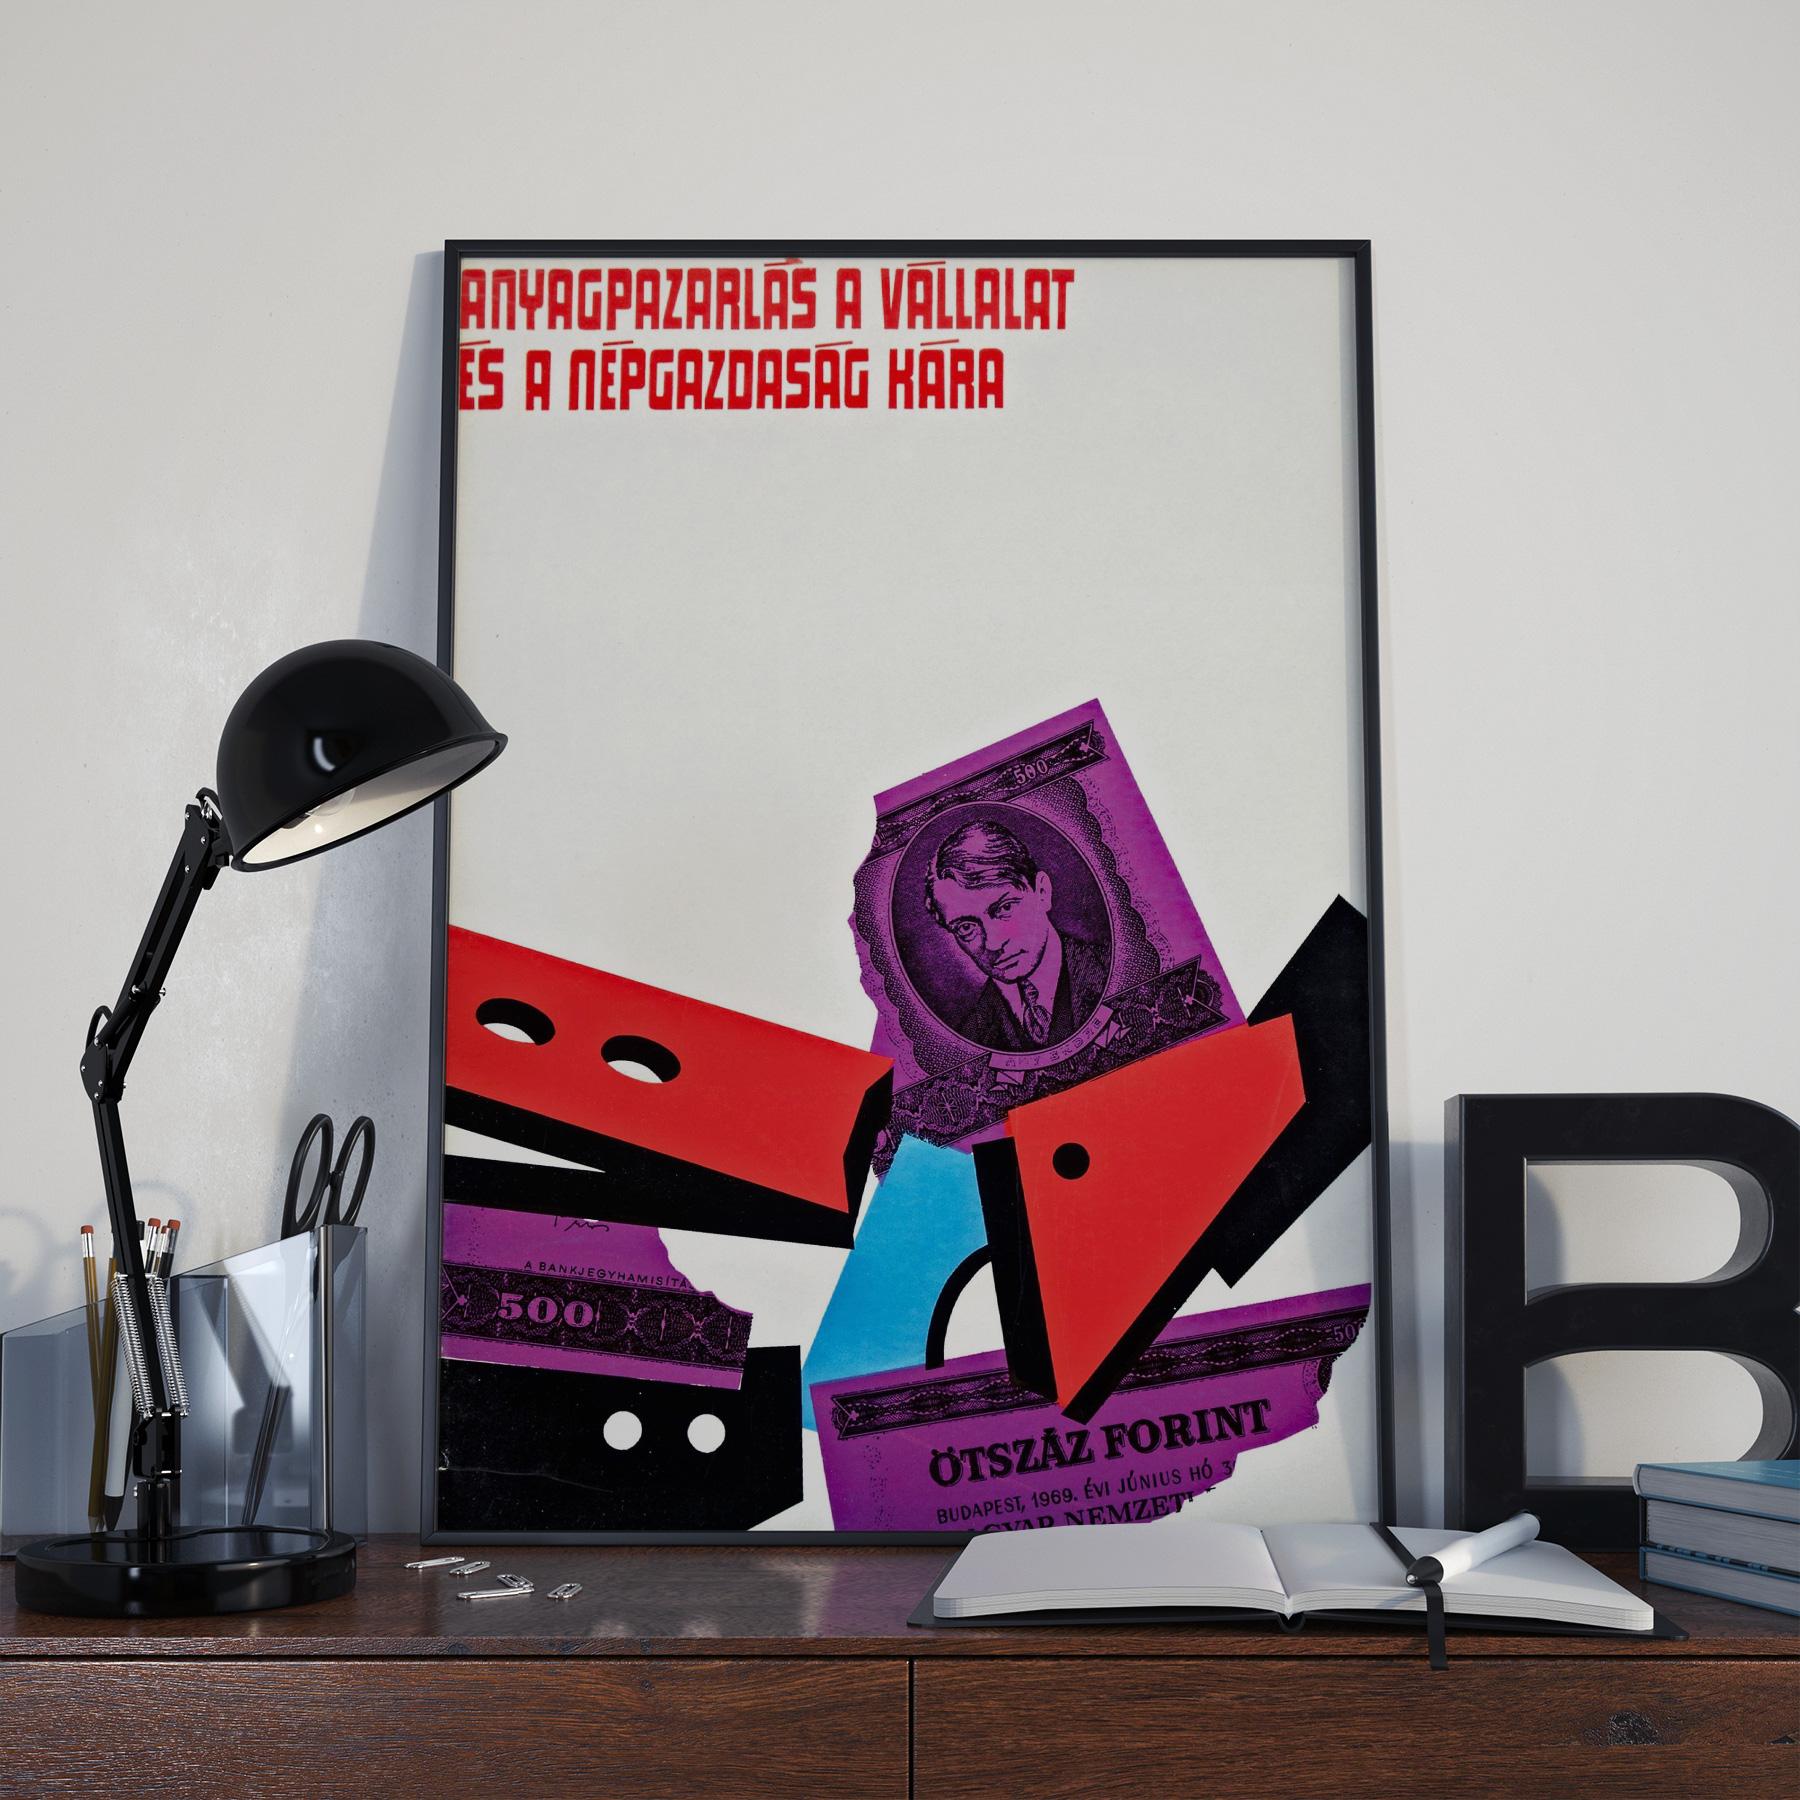 28-nosztalgikus-poszterek-09-b-oldal.jpg